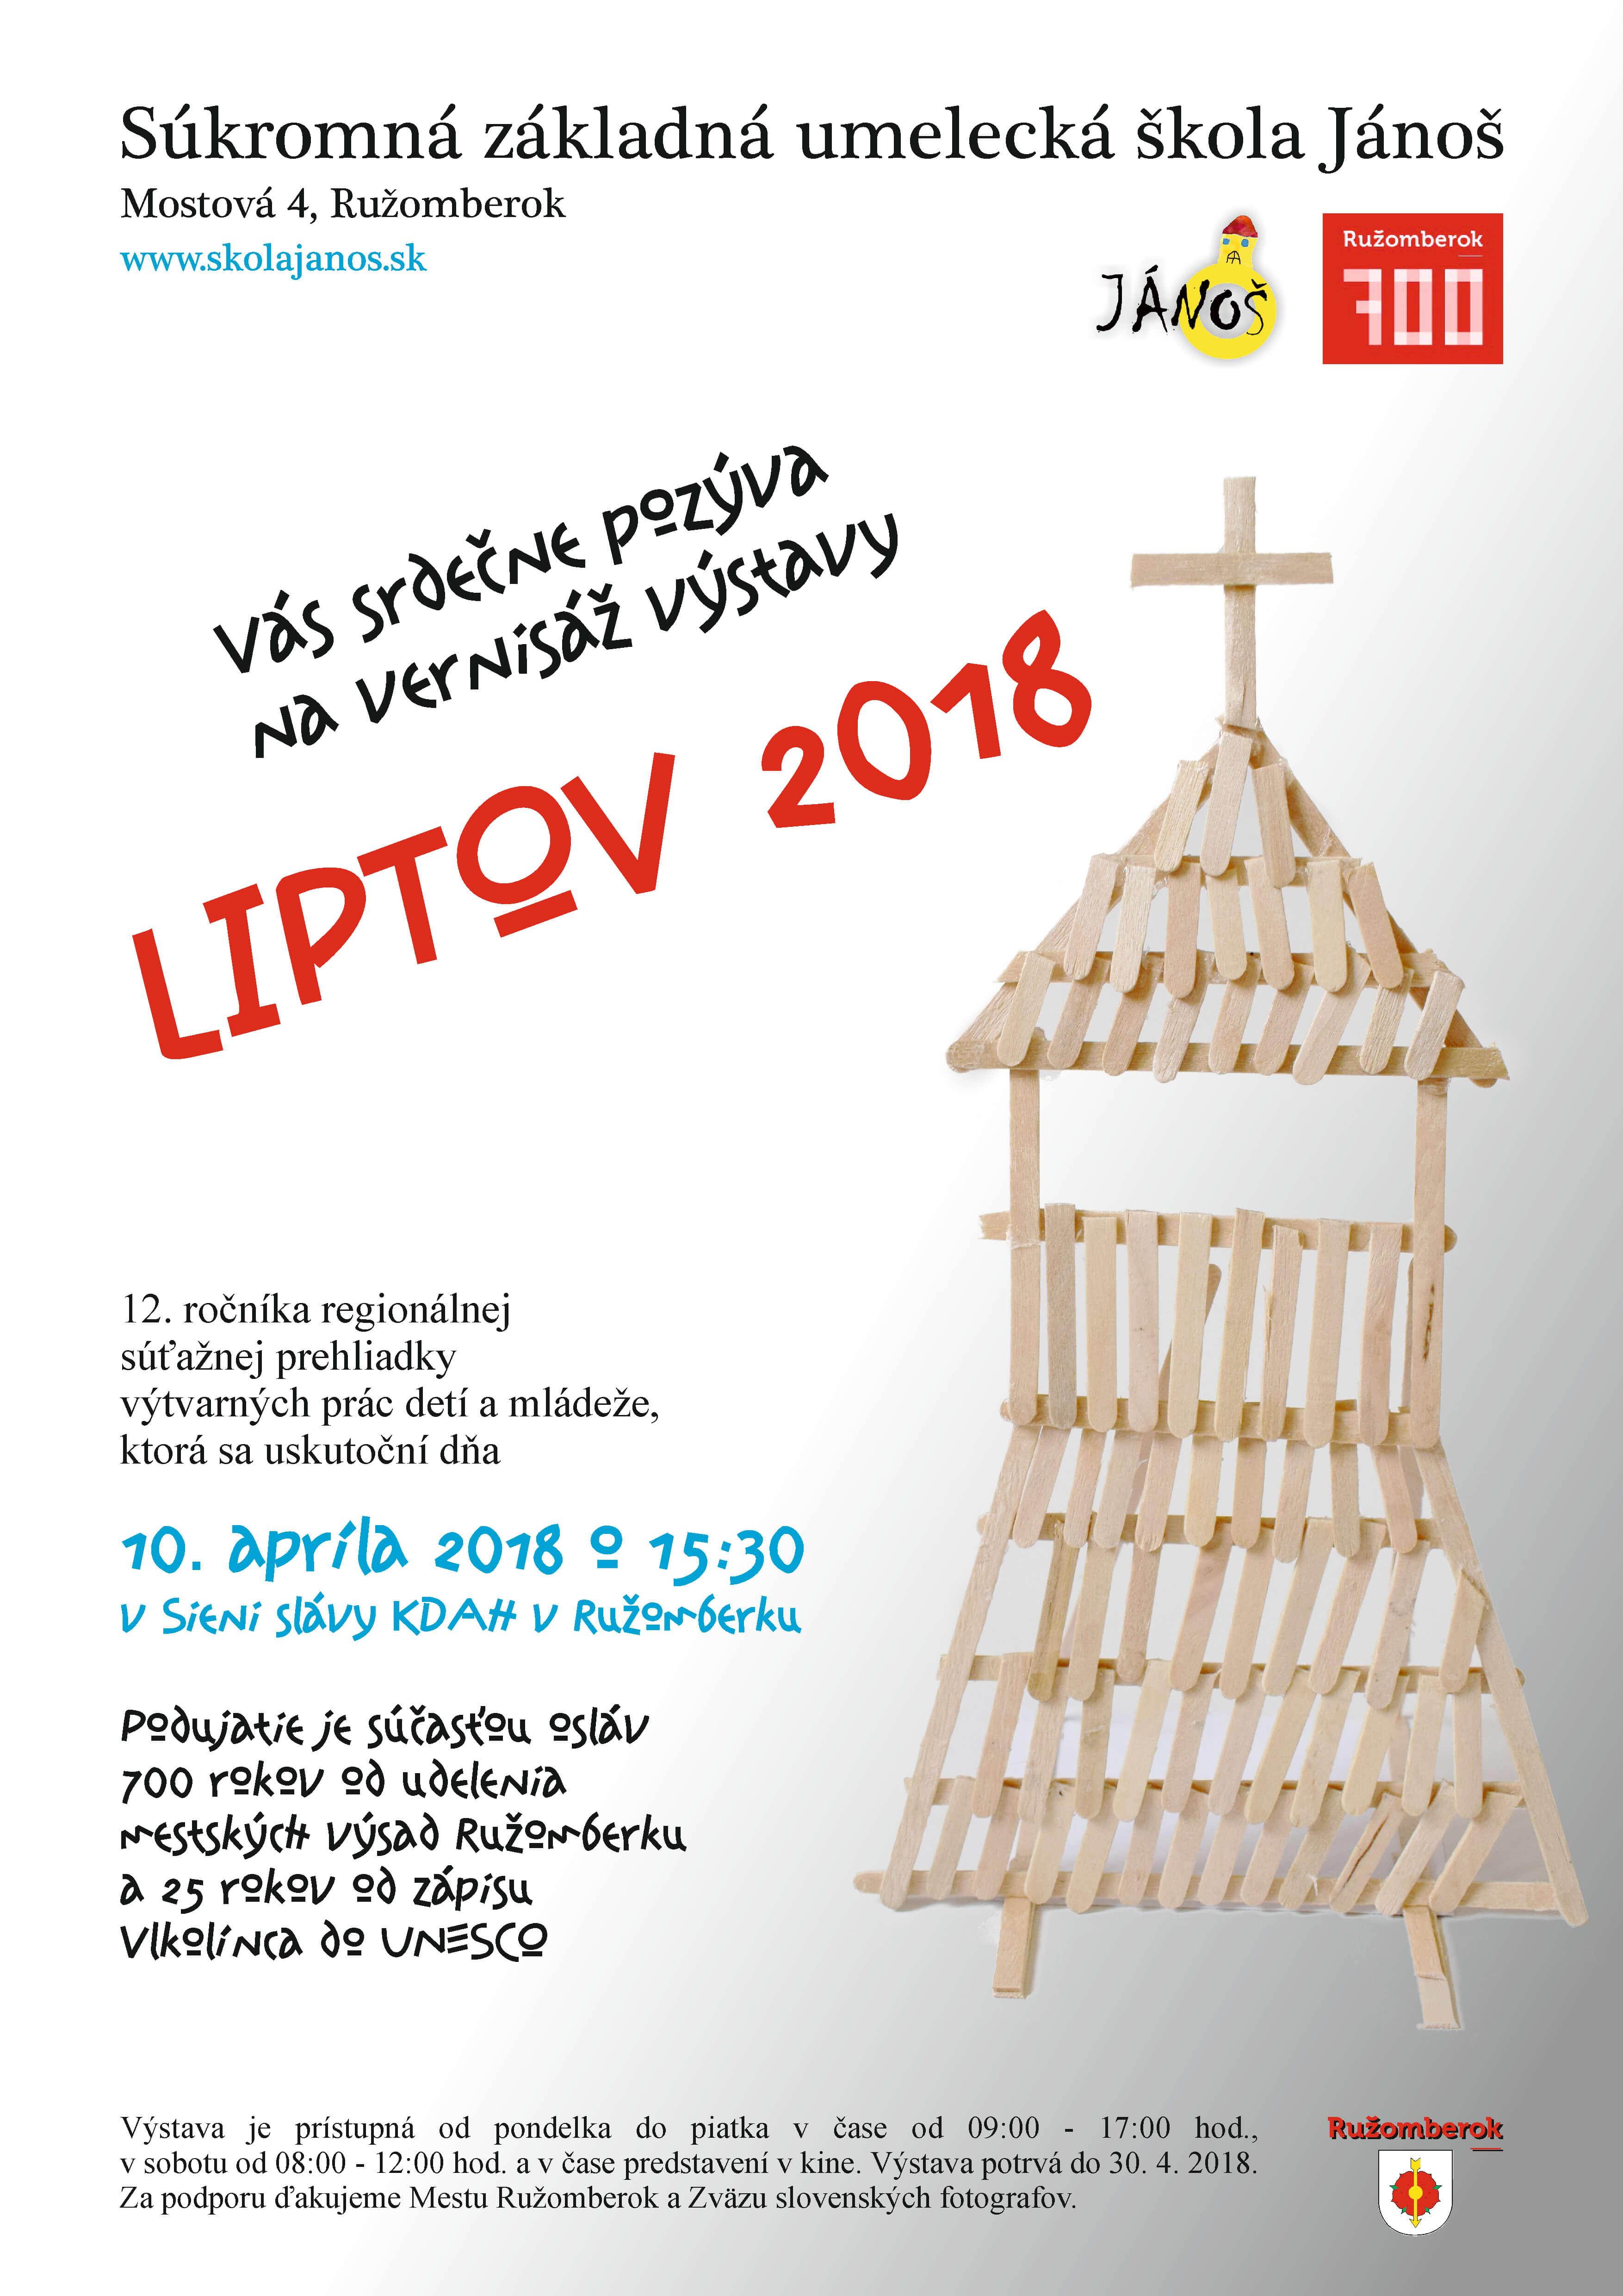 plagát - Súkromná základná umelecká škola Jánoš c66b7c62dc1